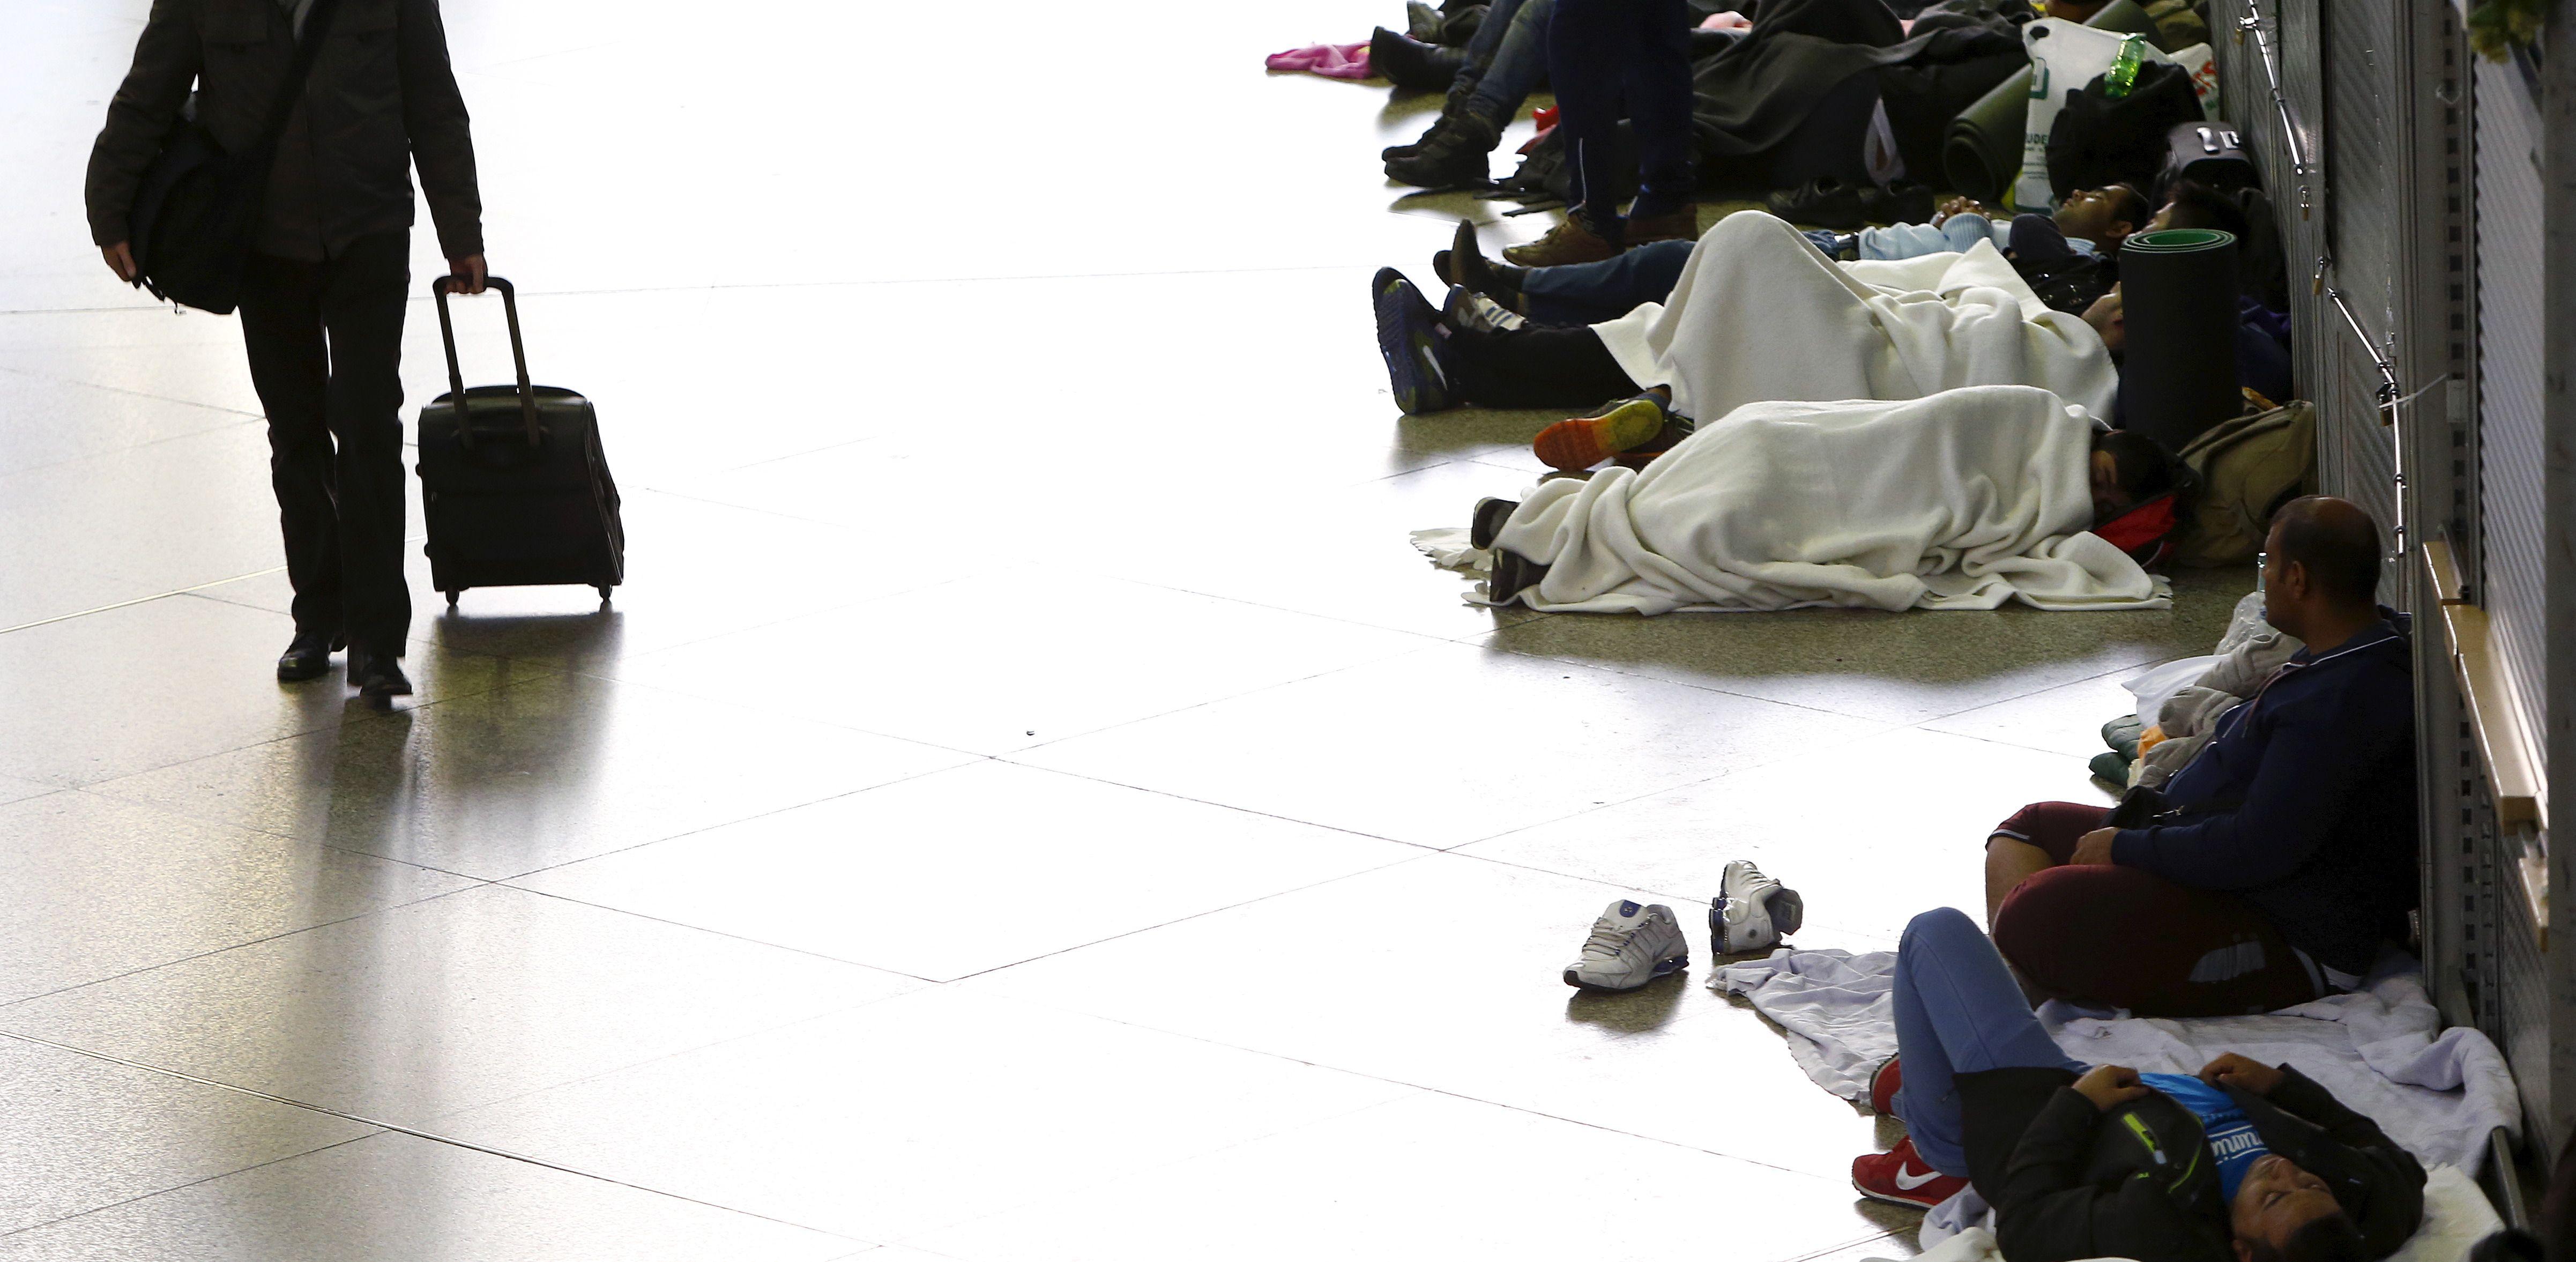 Allemagne : la ville de Munich qui a accueilli plus de 12 000 réfugiés ce samedi, est débordée